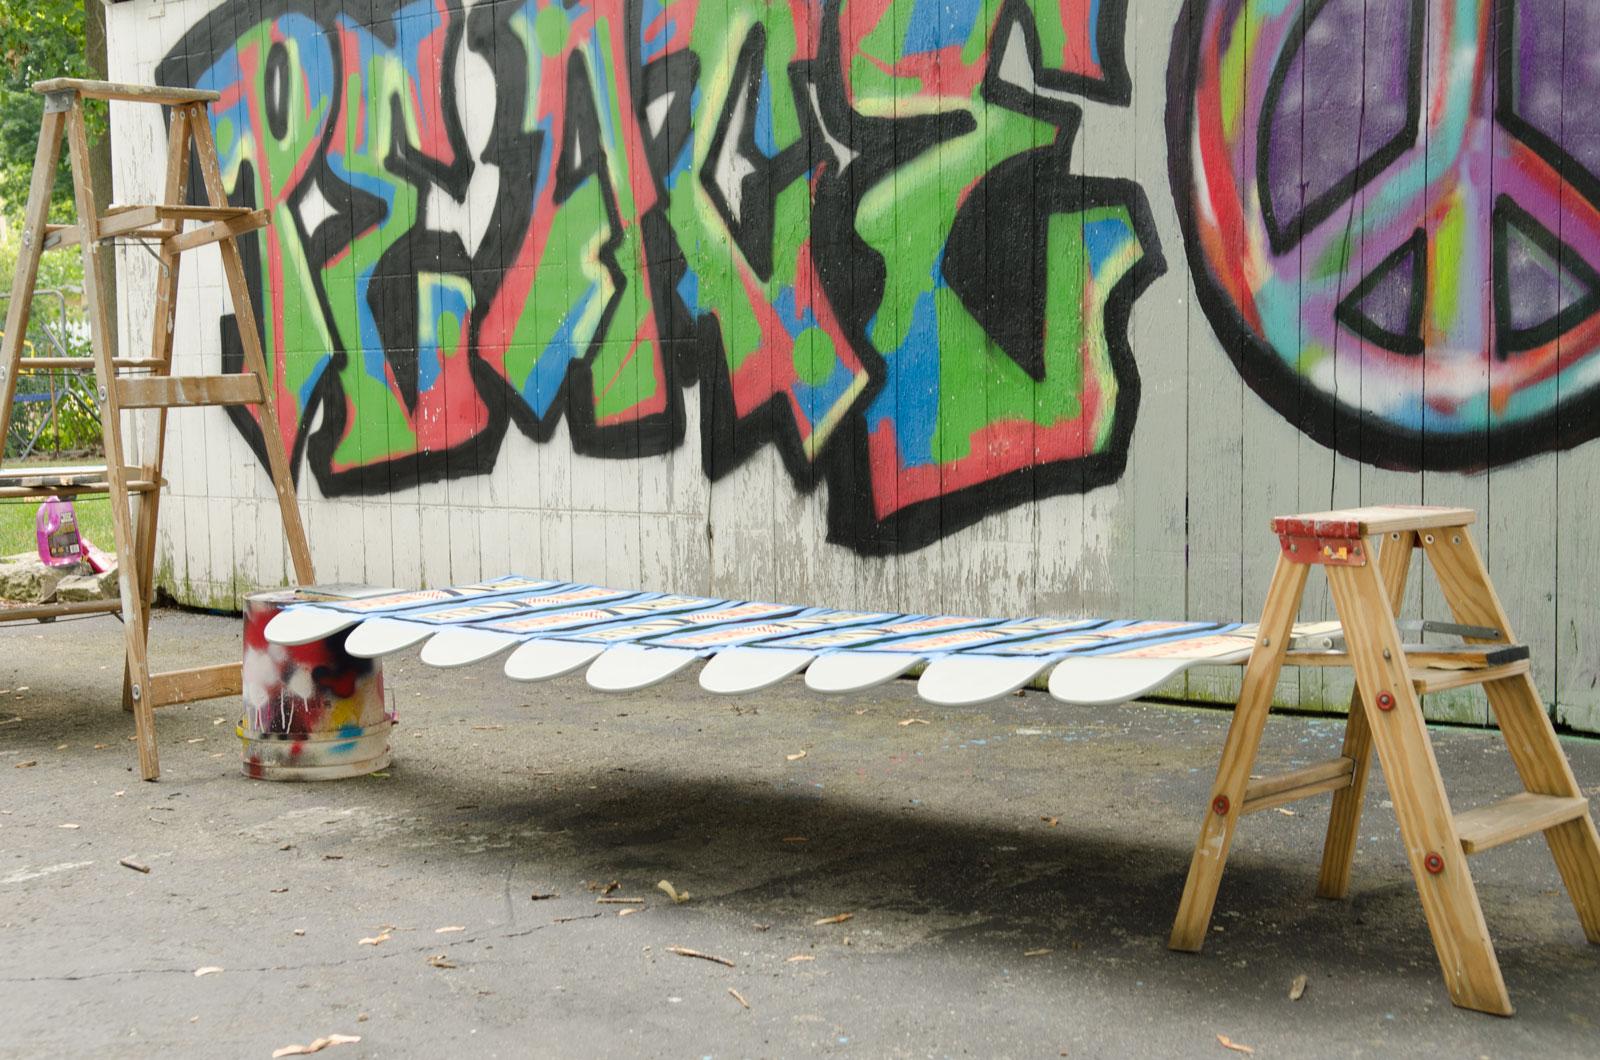 hoodie-allen-skateboards_4.jpg